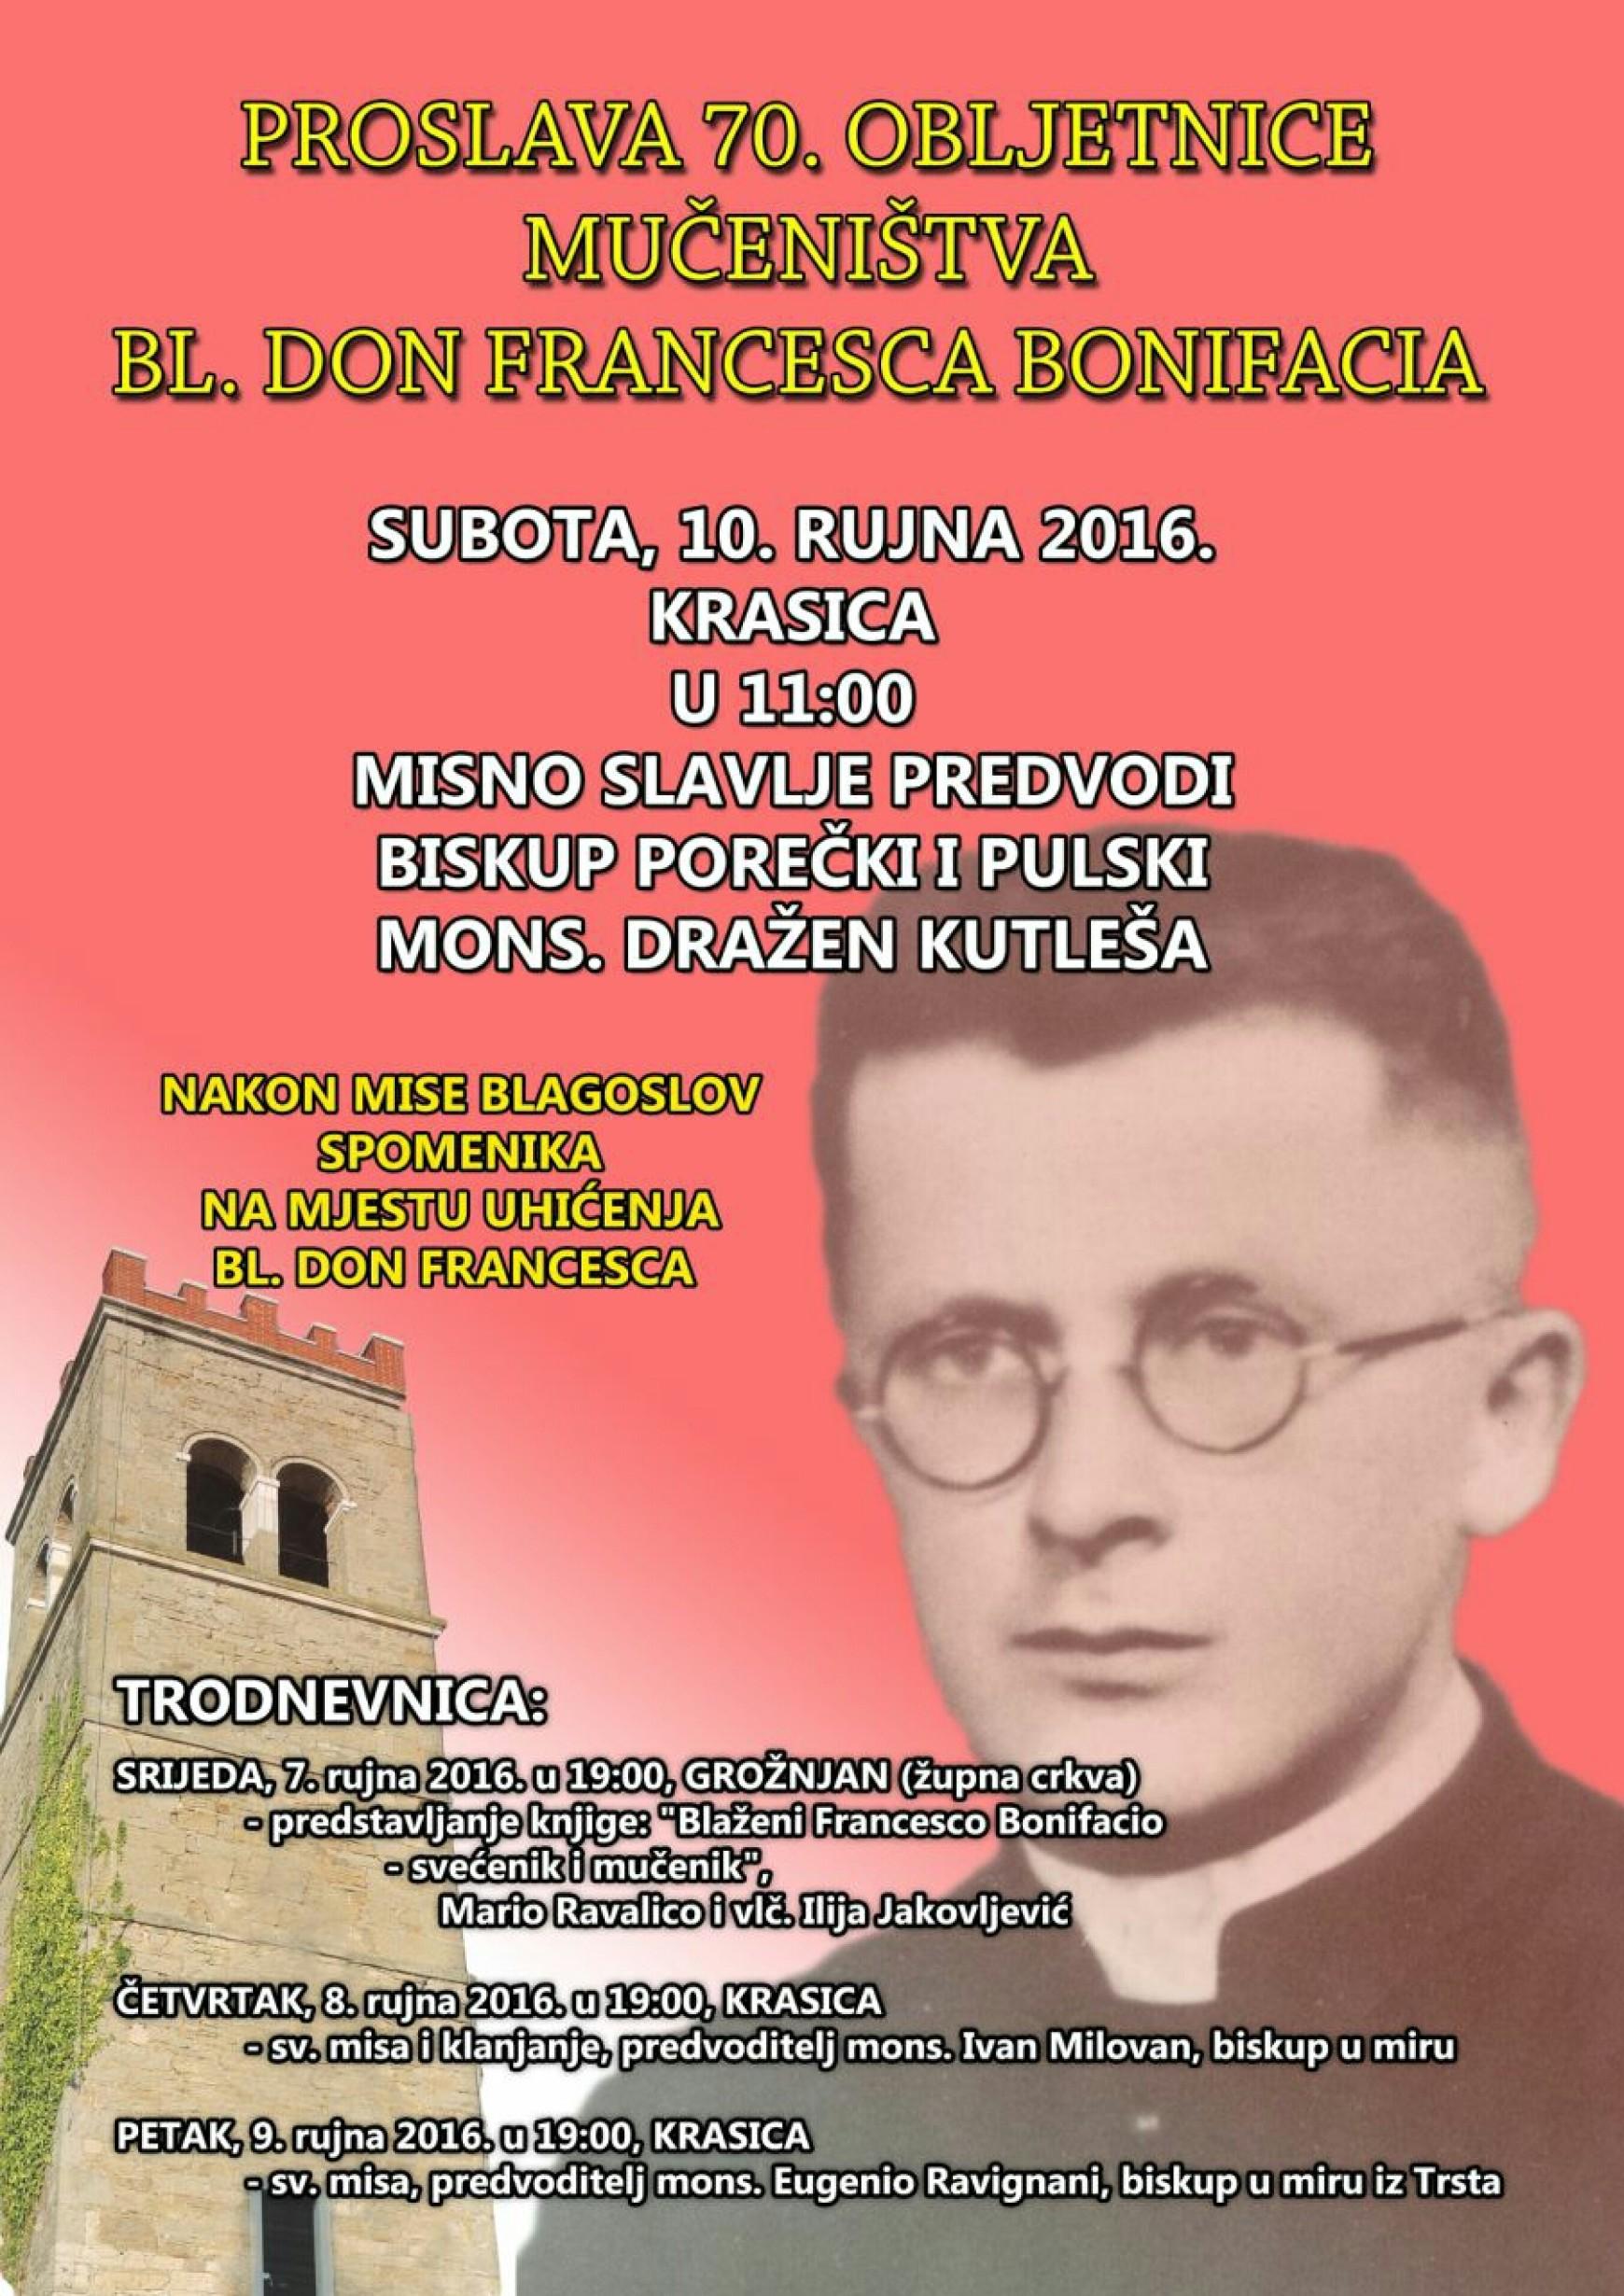 Proslava 70. obljetnice mučeništva bl. Don Francesca Bonifacia